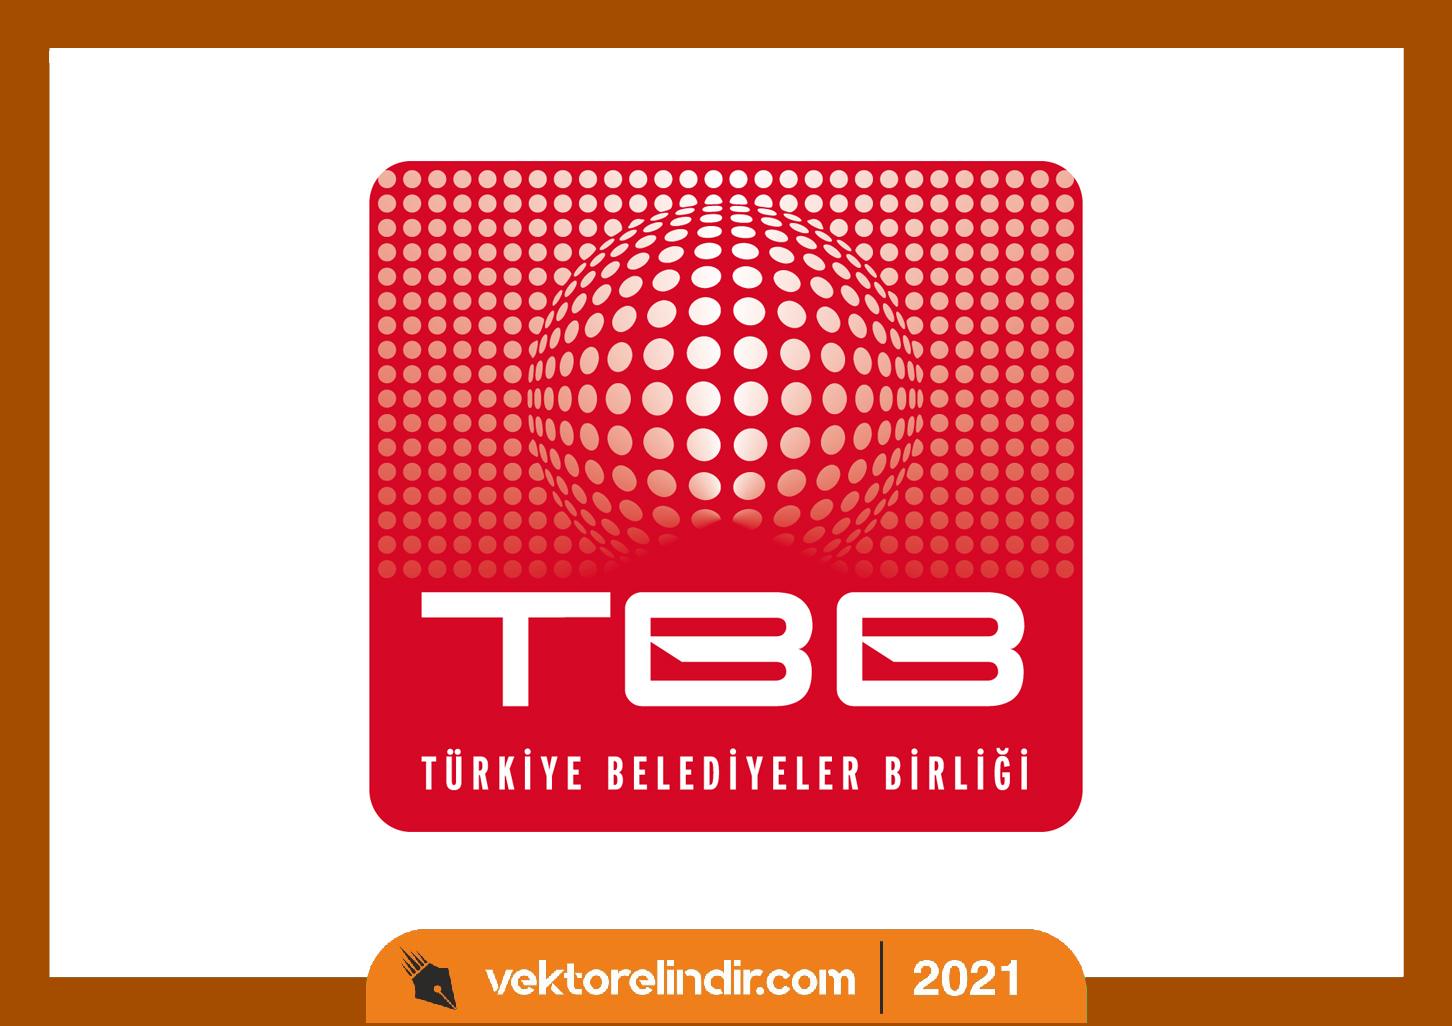 turkiye,belediyeler,birliği,logo